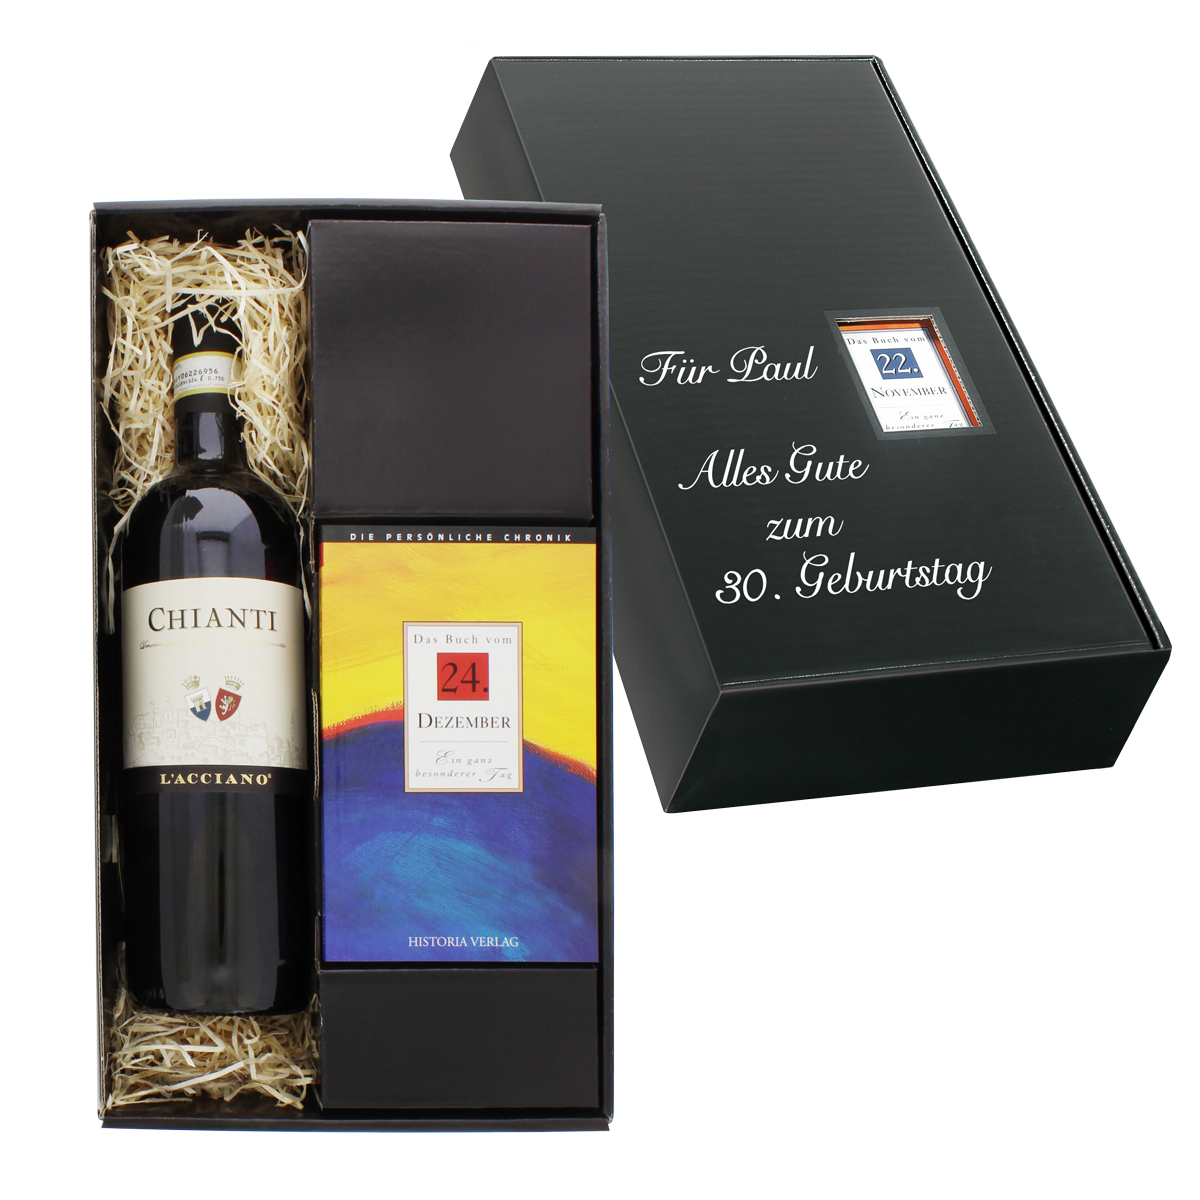 Italien-Set: Tageschronik vom 15. Juli & Chianti-Wein